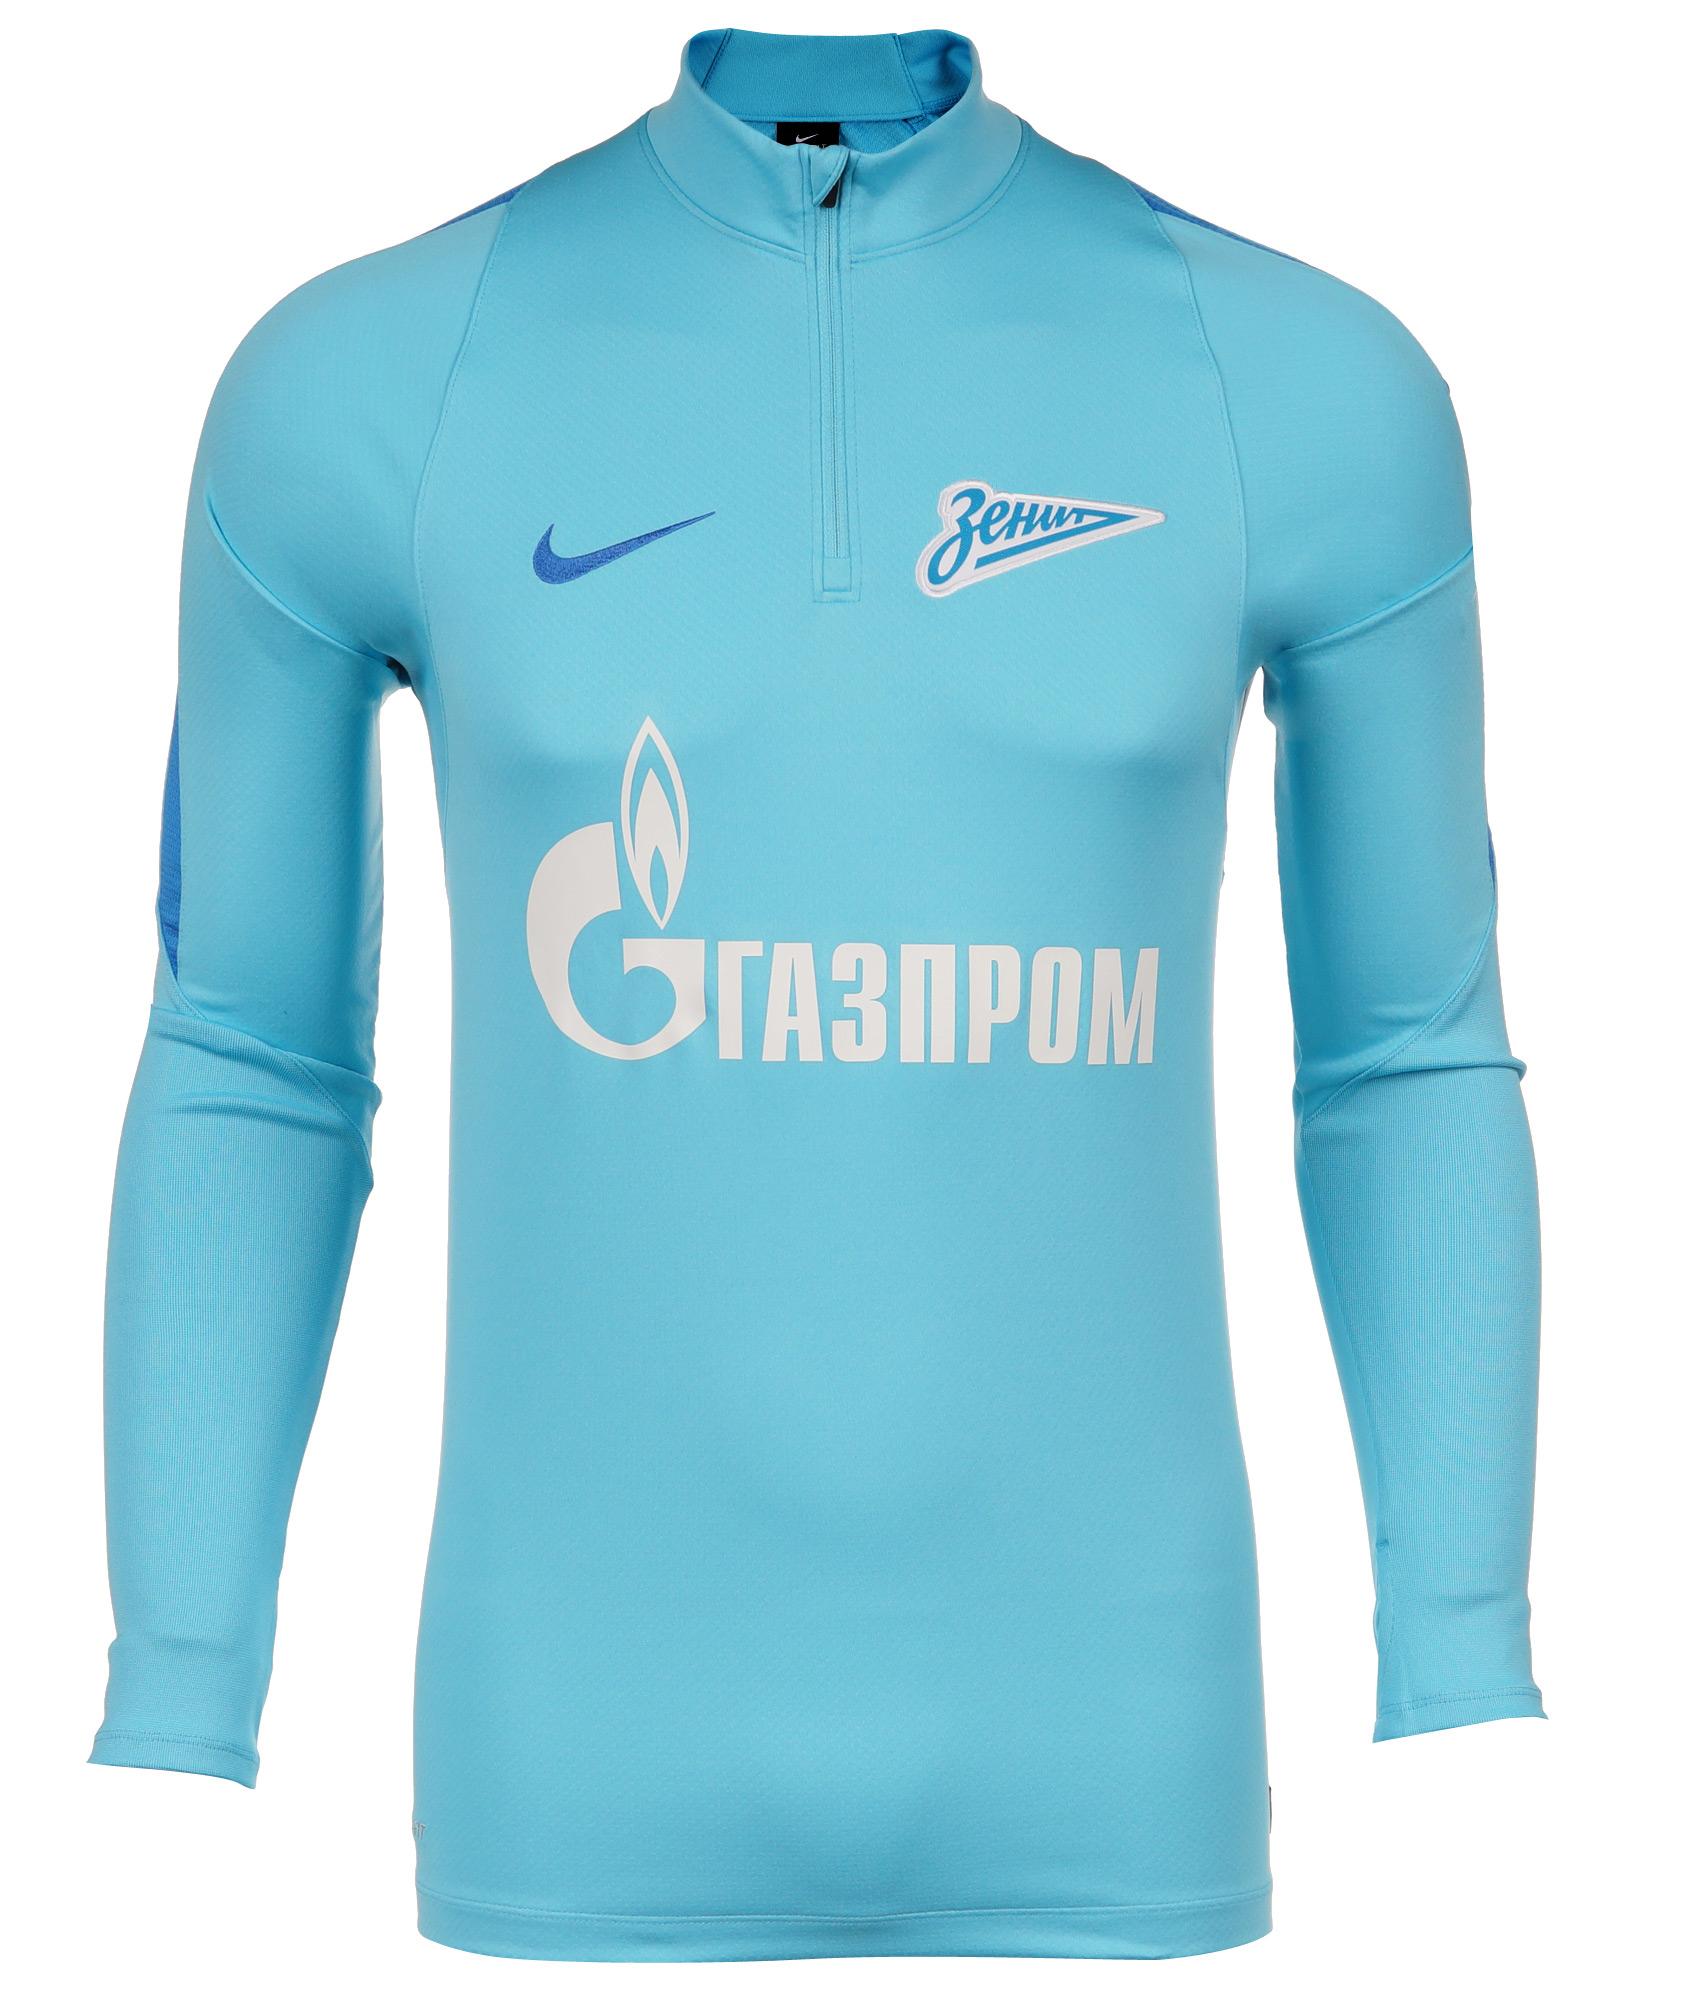 Джемпер тренировочный Nike, Цвет-Голубой, Размер-L поло nike цвет голубой размер m